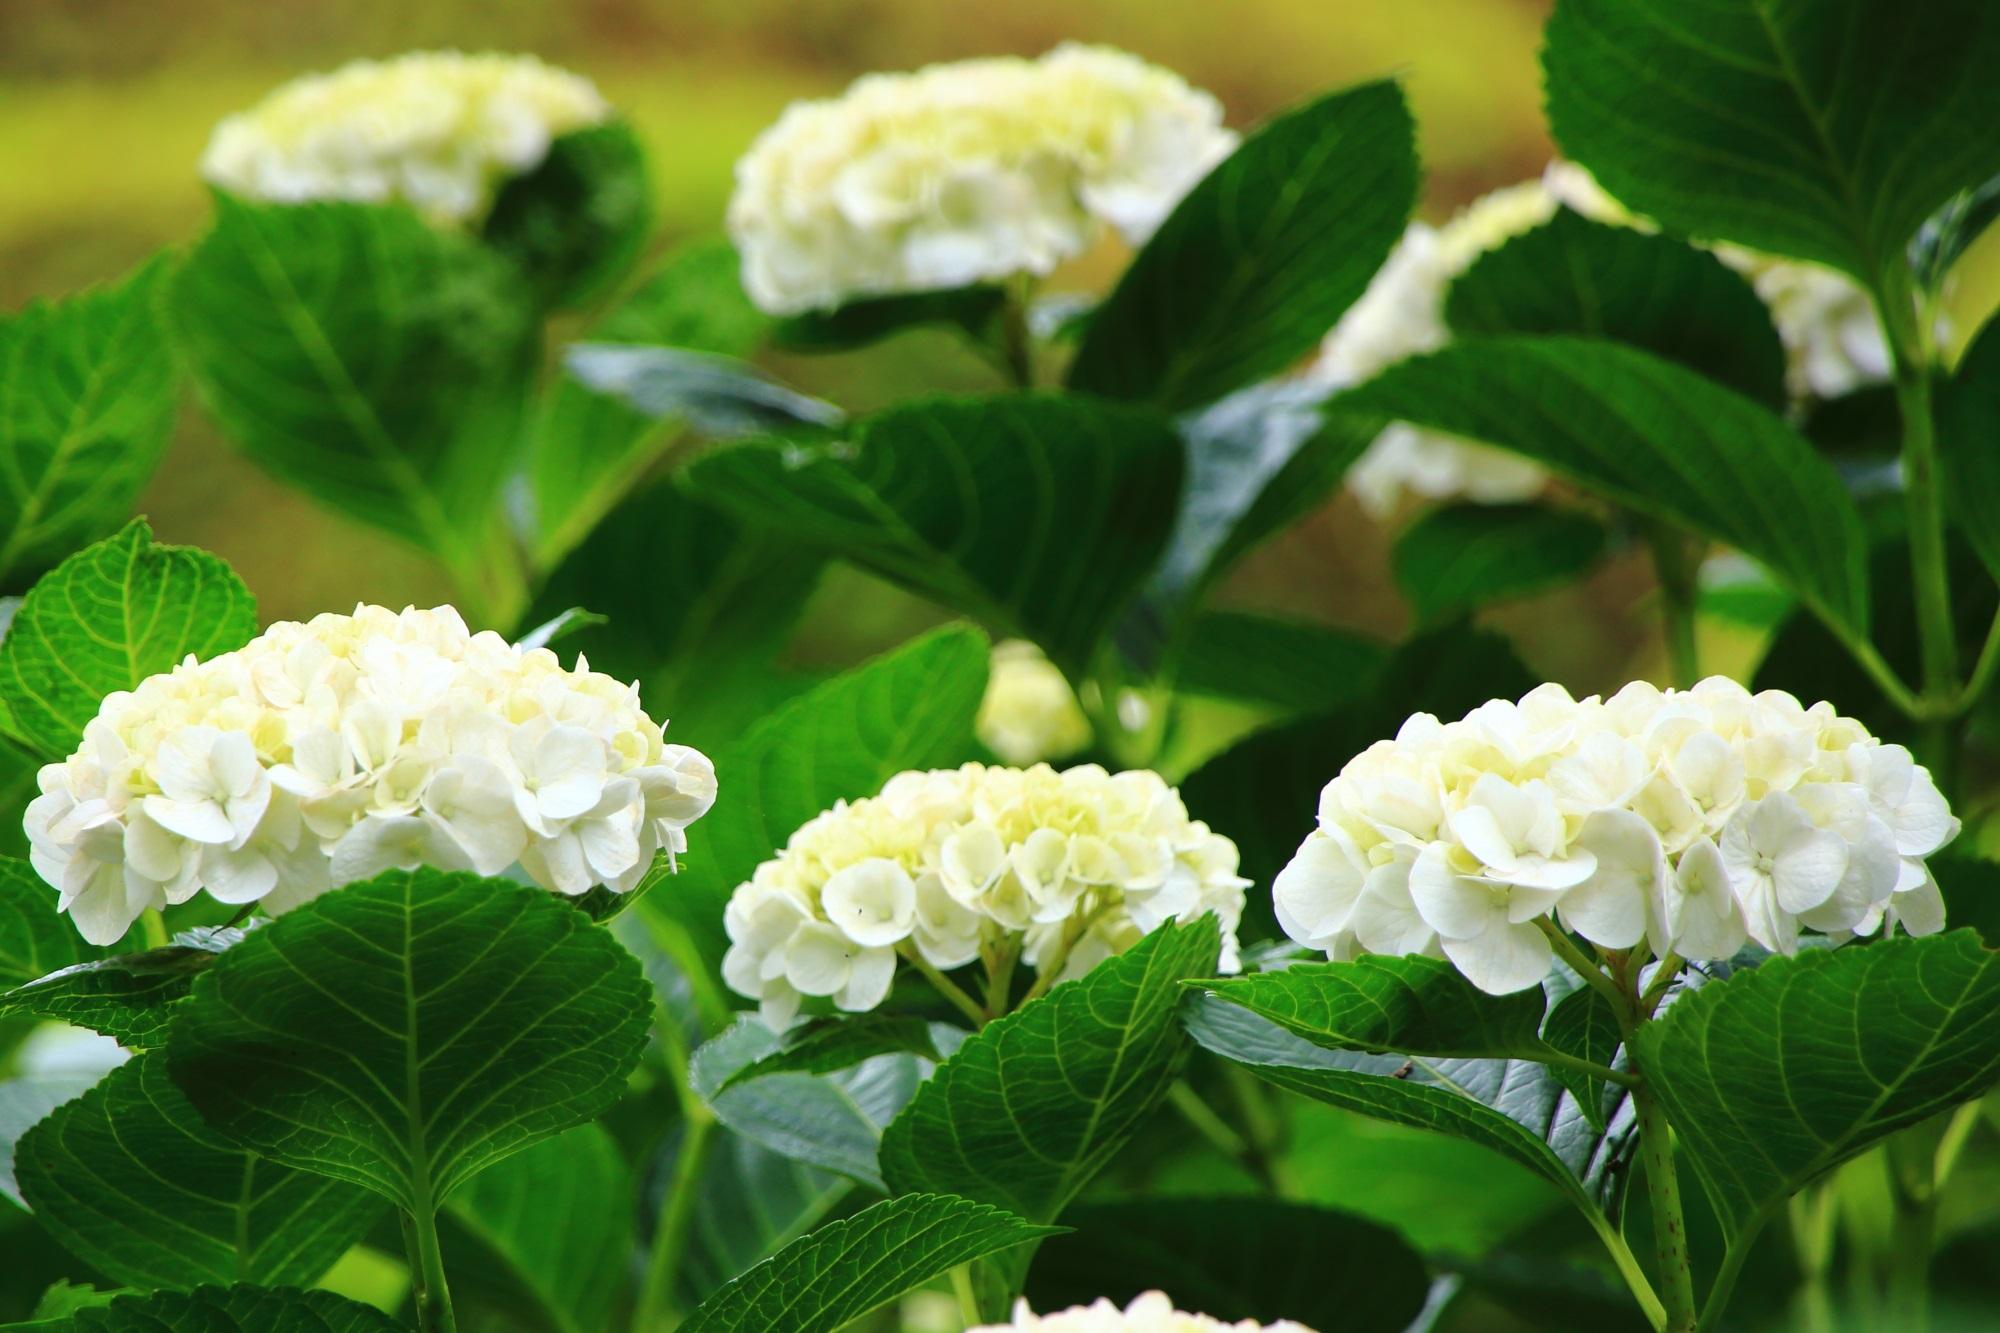 三室戸寺の緑に映える淡く白い紫陽花